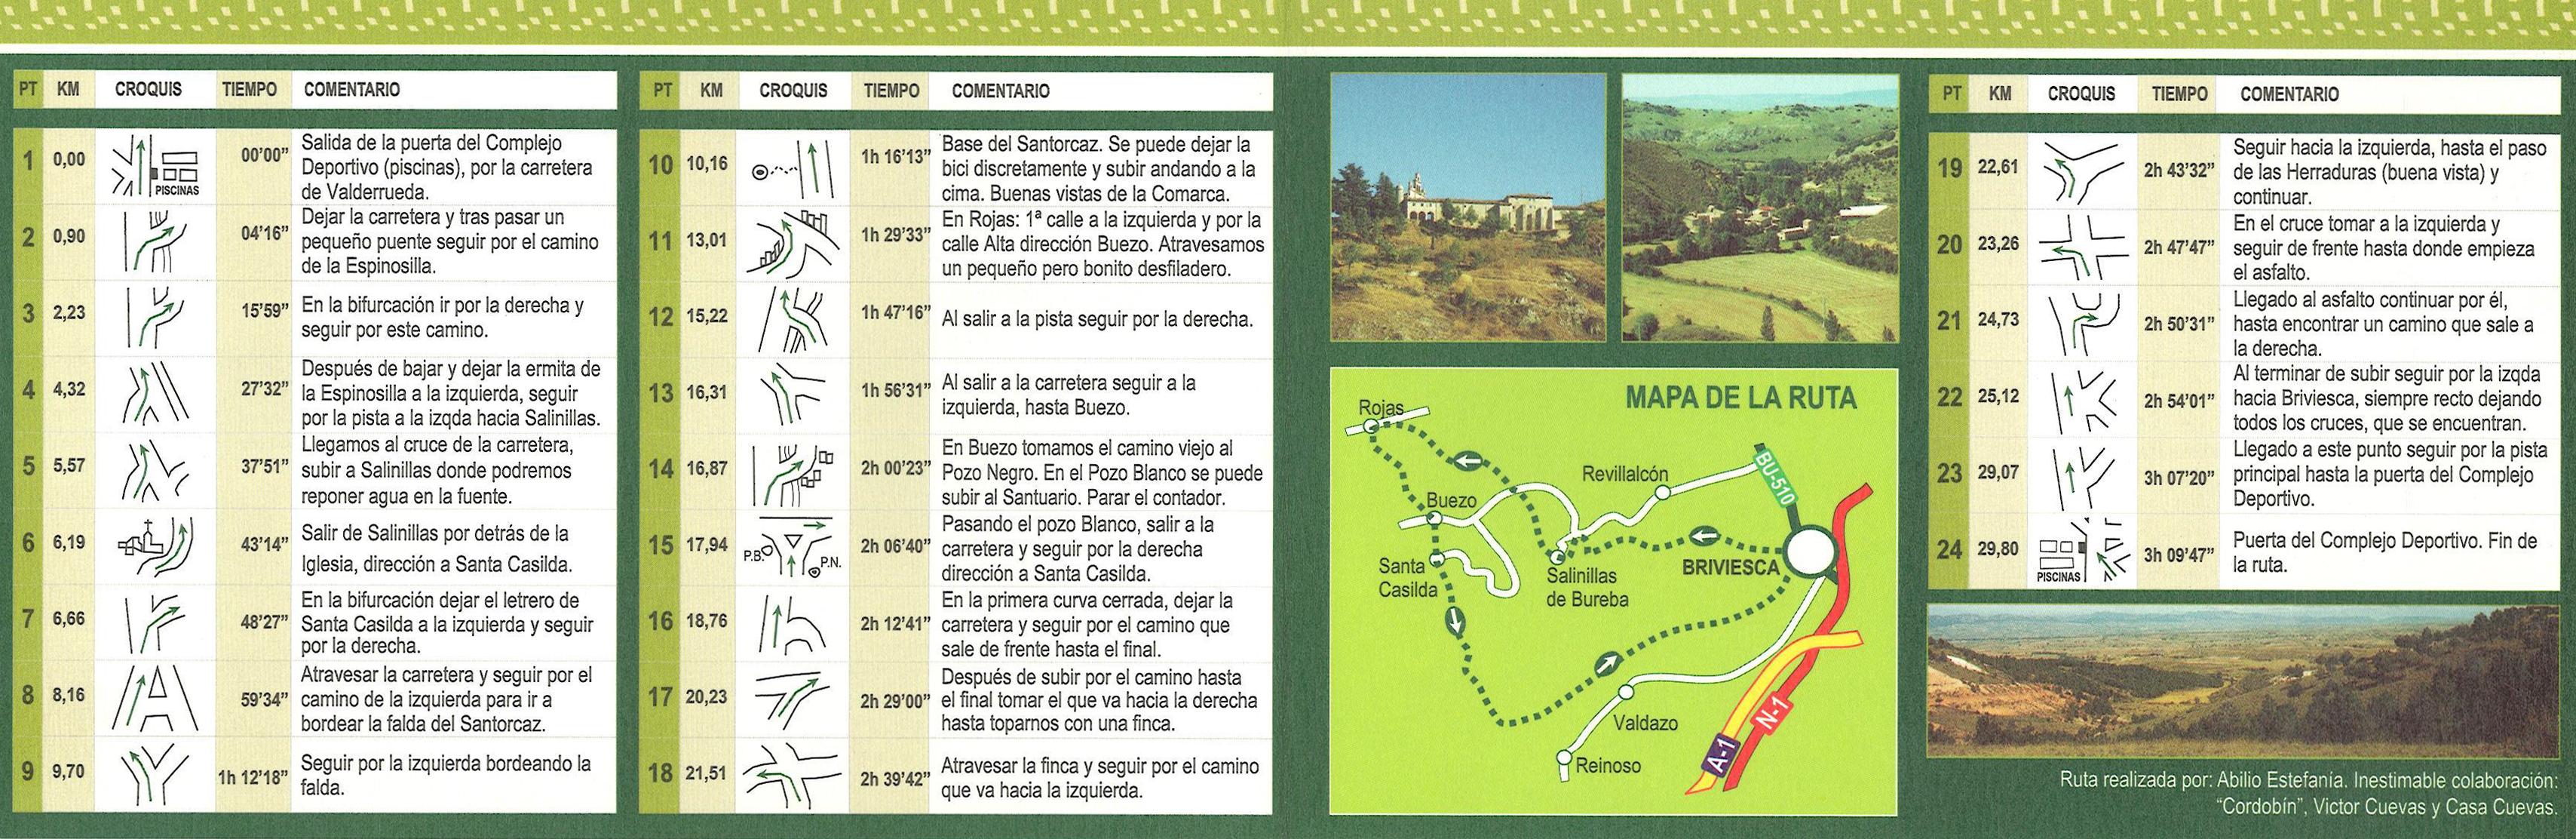 mapa-ii